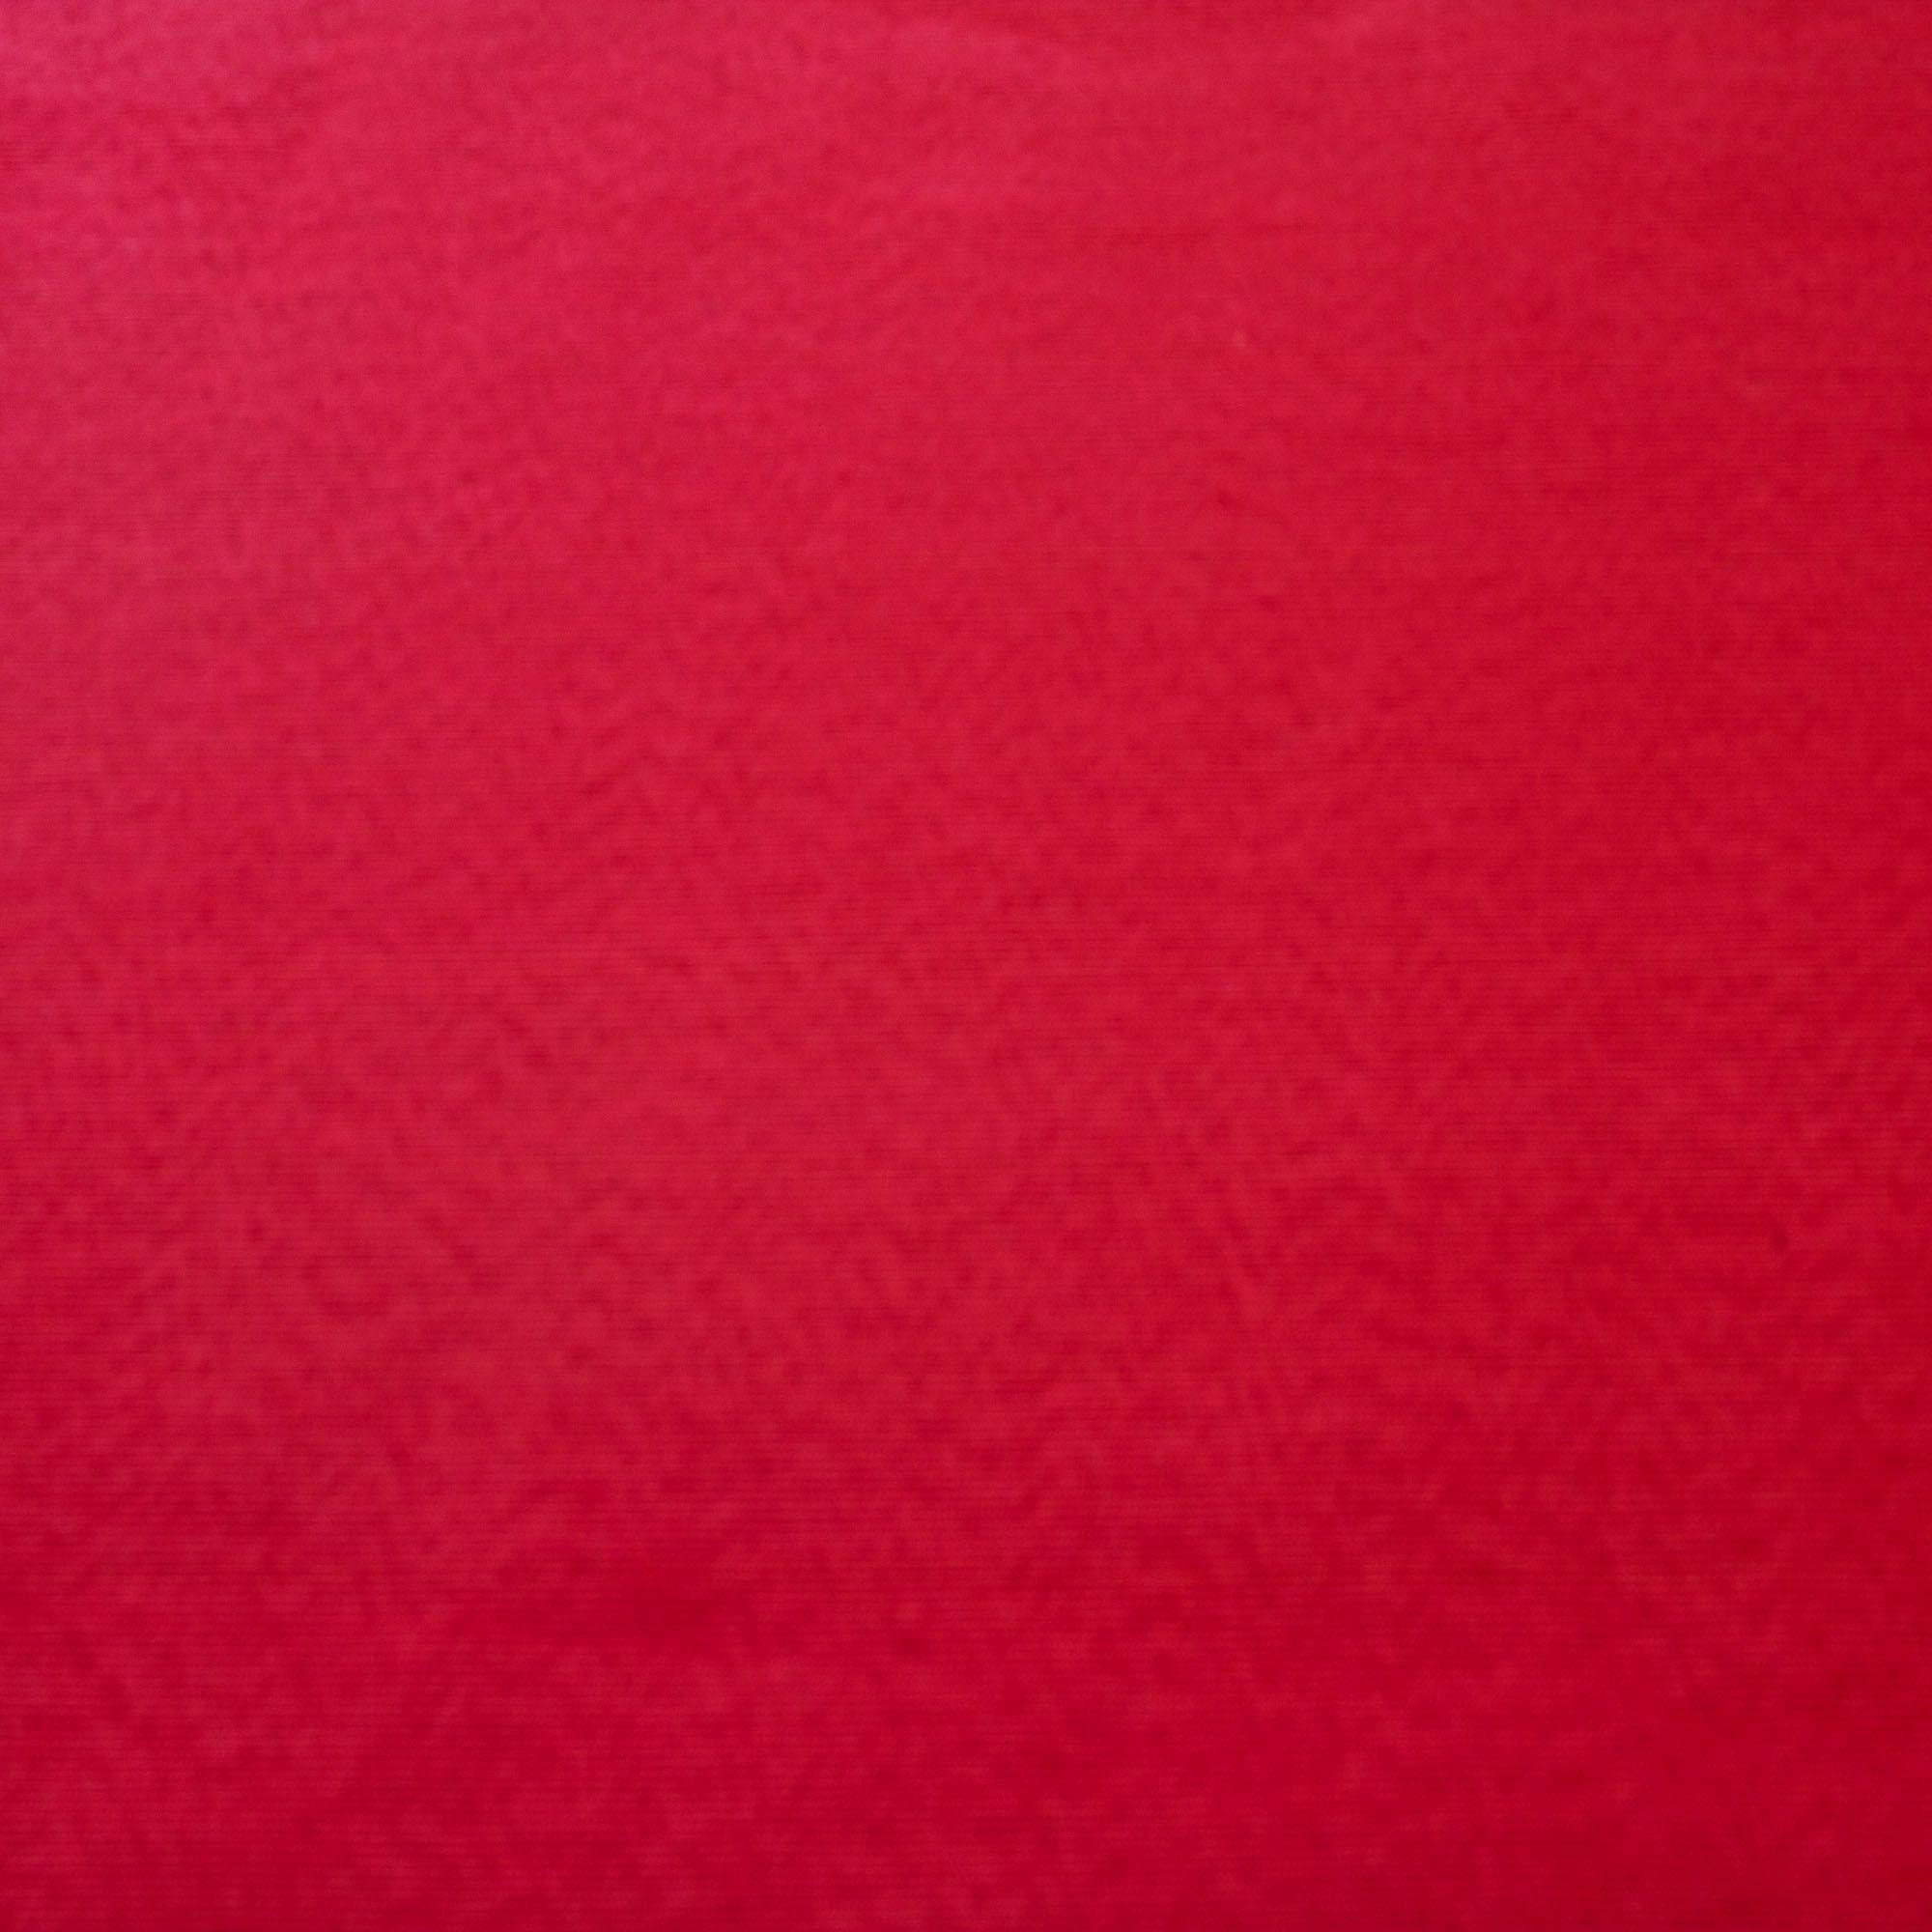 Tecido Gorgurinho Vermelho 52% Poliester 48% Algodão 1,50 m Largura